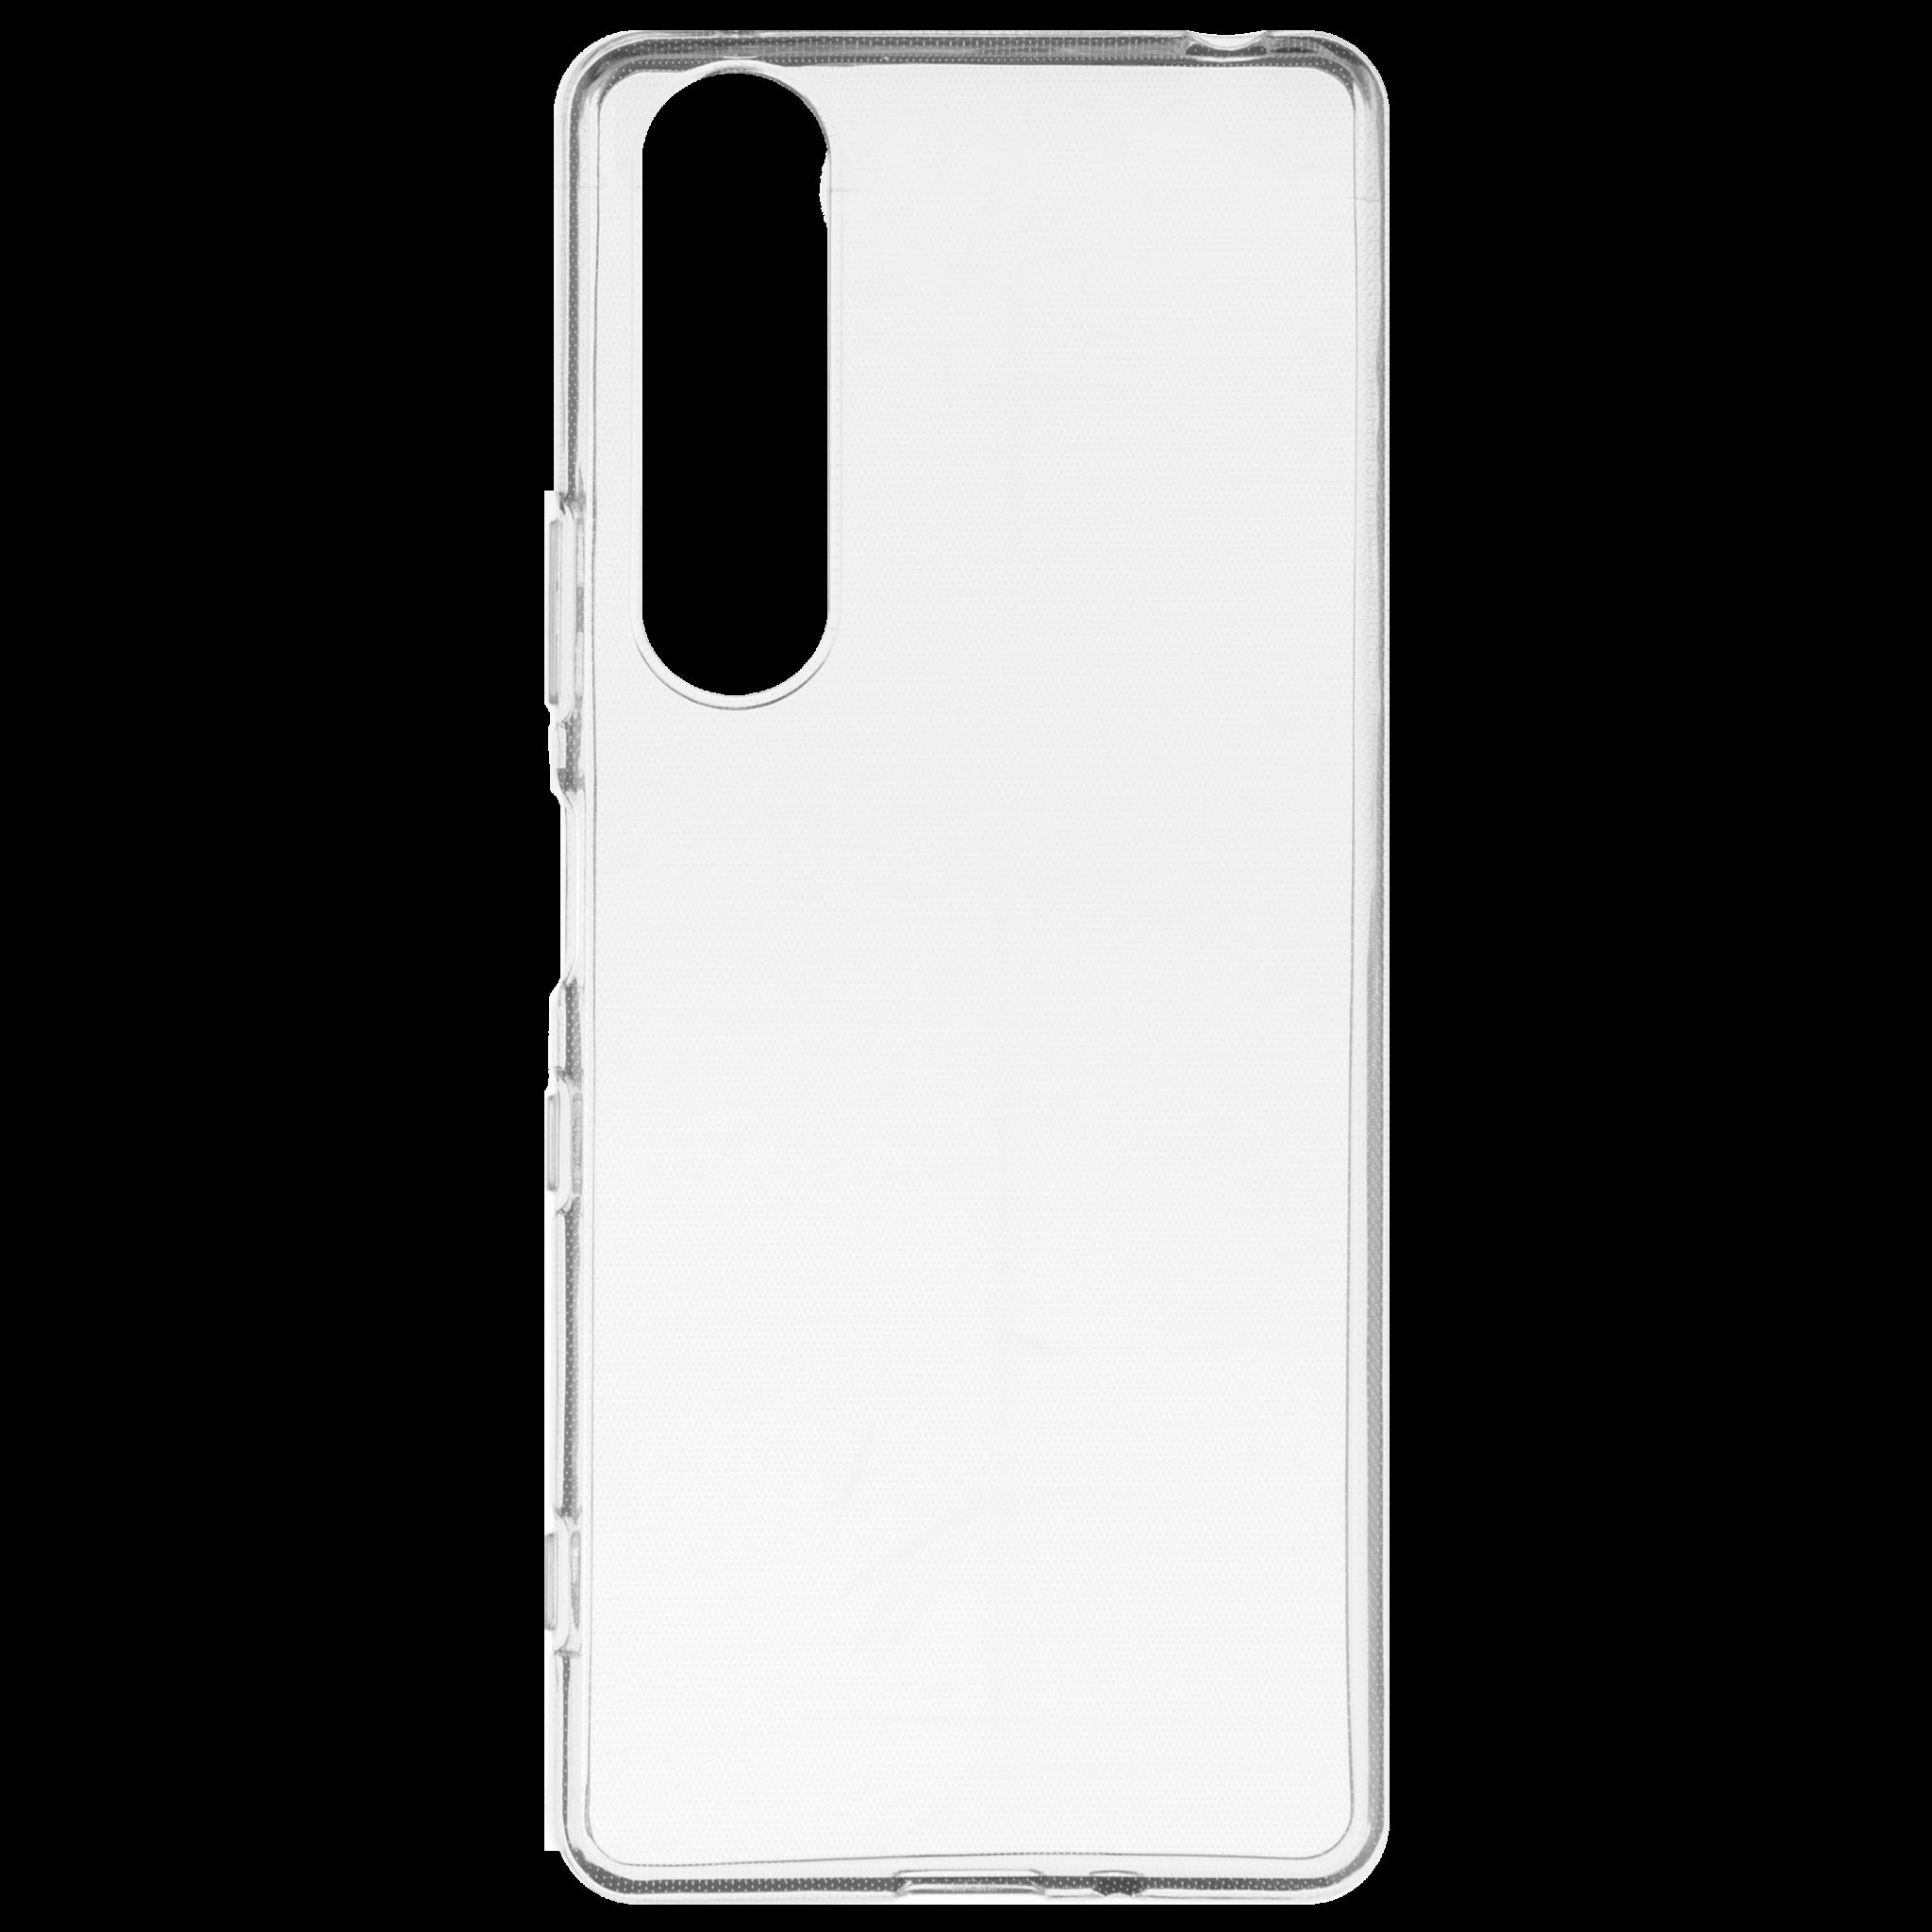 Накладка силиконовая Brosco для Xperia 1 III, прозрачная